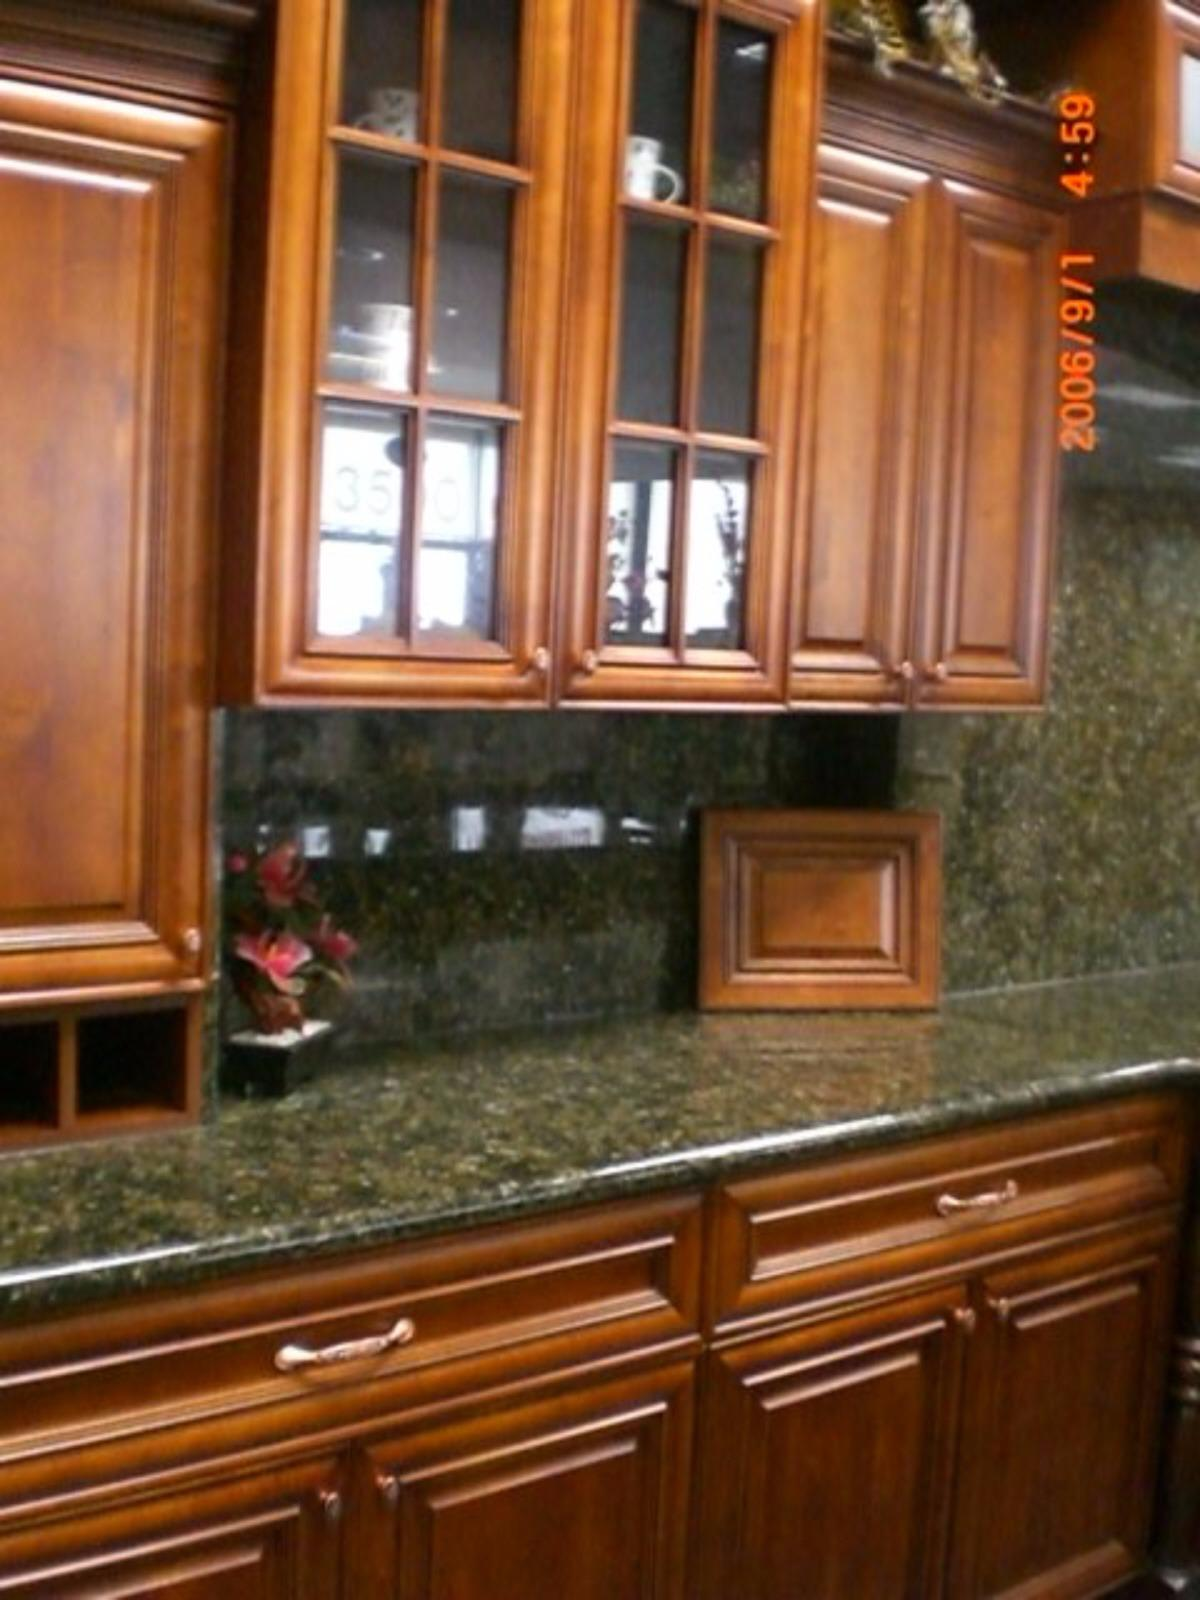 Cabinets and granite phone 772 245 2227 vero beach fl for Kitchen cabinets vero beach